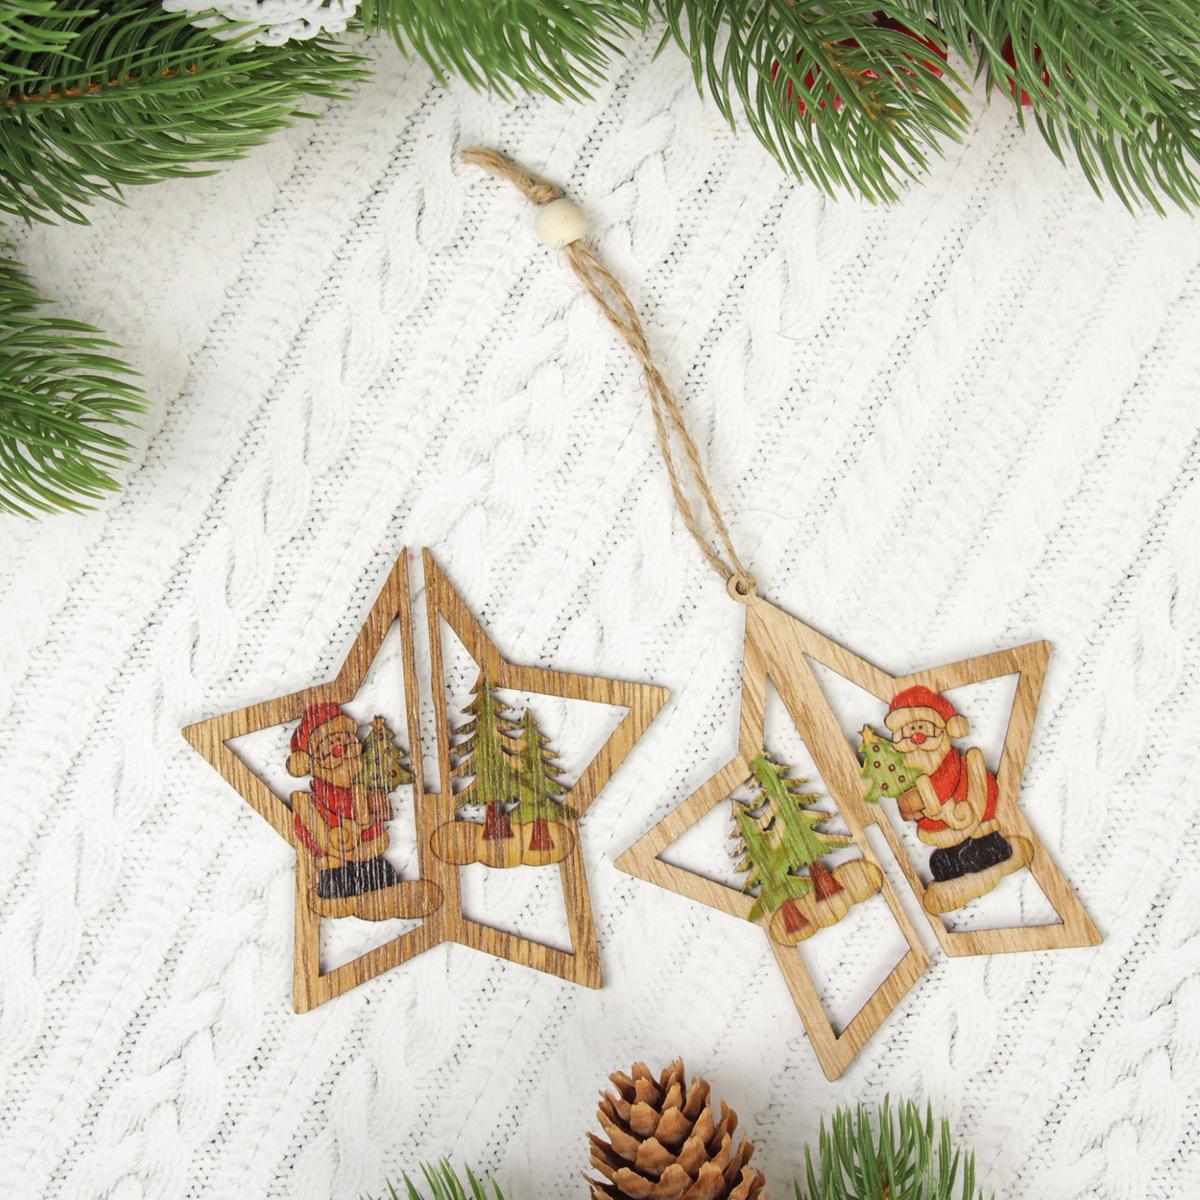 Украшение новогоднее подвесное Дед Мороз в звезде, 2 шт2303286Набор новогодних подвесных украшений, выполненных из дерева, отлично подойдет для декорации вашего дома и новогодней ели. С помощью специальной петельки украшение можно повесить в любом понравившемся вам месте. Но, конечно, удачнее всего оно будет смотреться на праздничной елке.Елочная игрушка - символ Нового года. Она несет в себе волшебство и красоту праздника. Такое украшение создаст в вашем доме атмосферу праздника, веселья и радости. В комплекте 2 украшения.